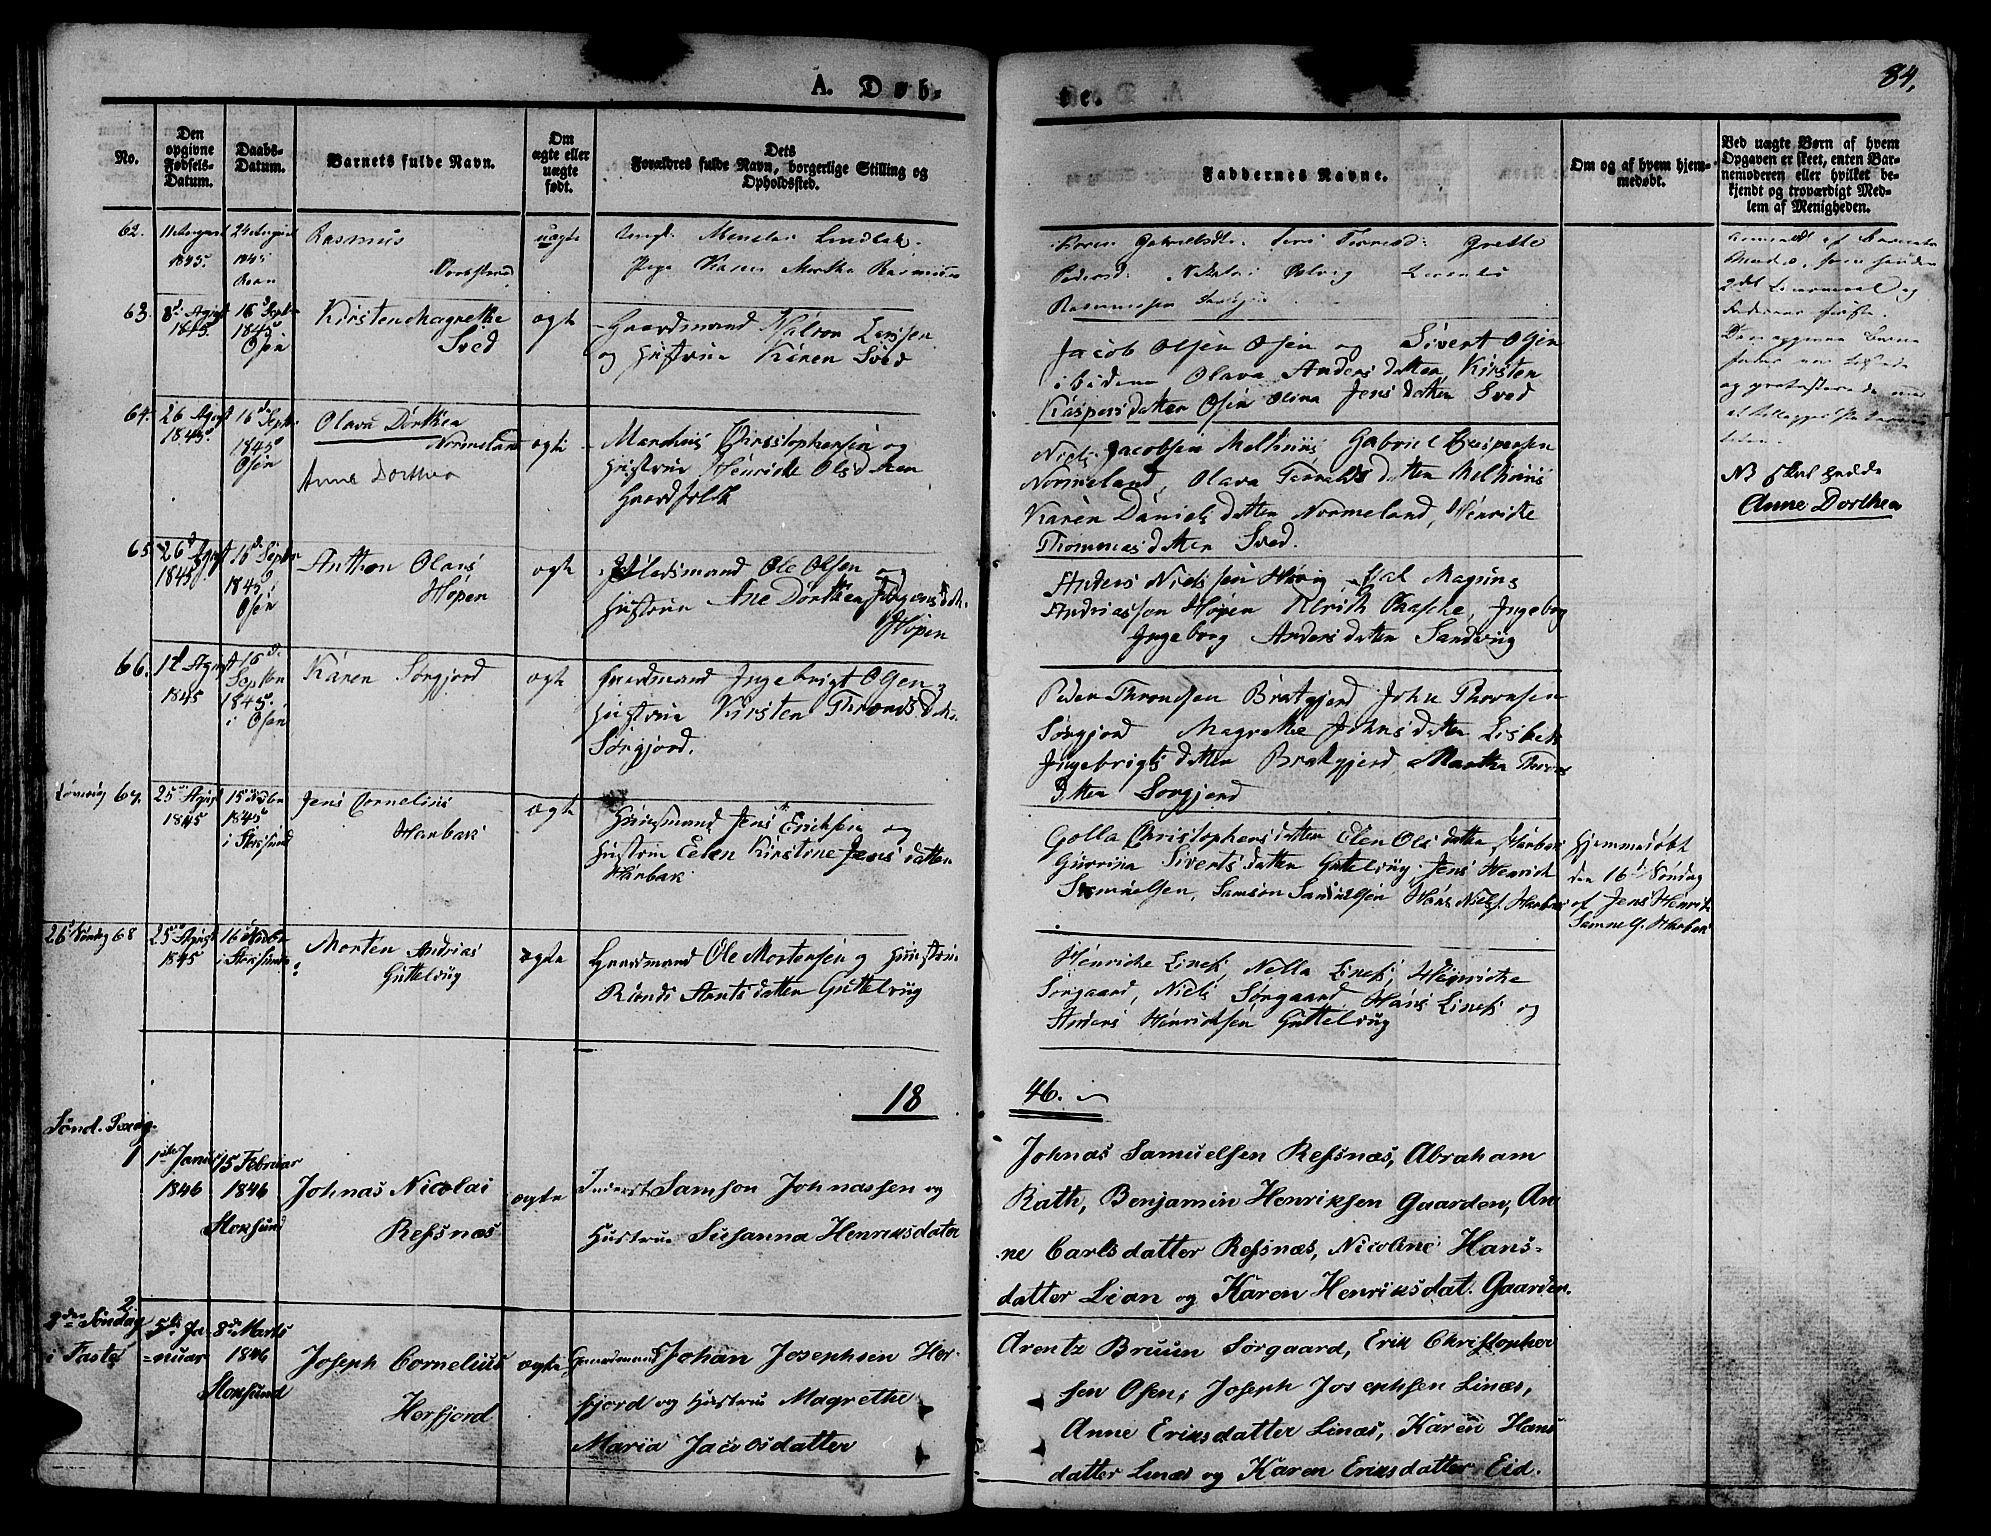 SAT, Ministerialprotokoller, klokkerbøker og fødselsregistre - Sør-Trøndelag, 657/L0703: Ministerialbok nr. 657A04, 1831-1846, s. 84